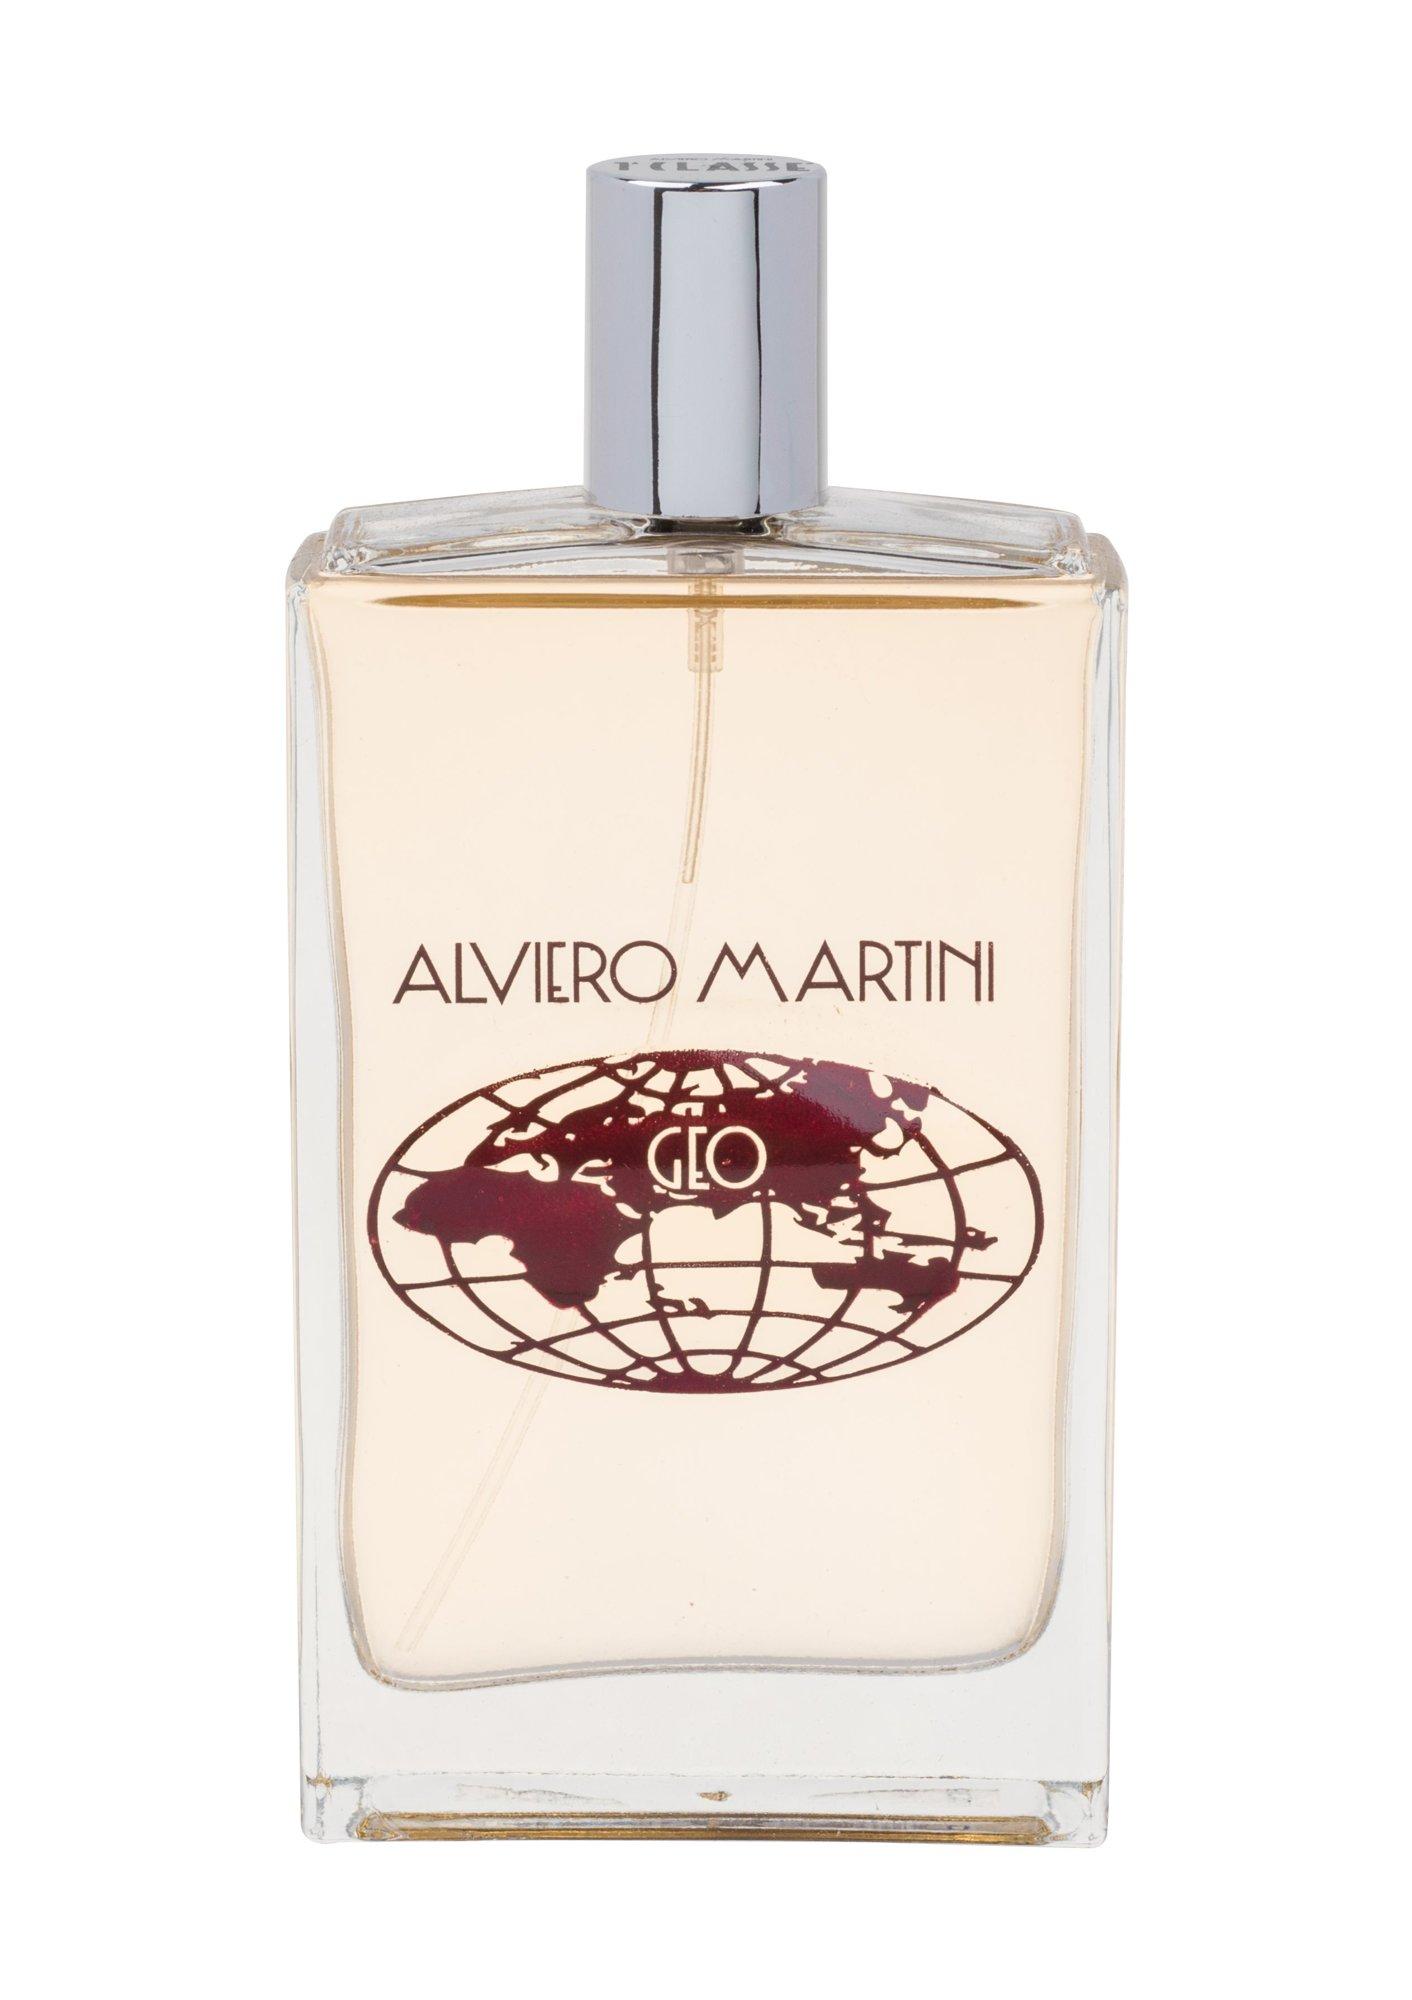 Alviero Martini Geo Uomo EDT 100ml